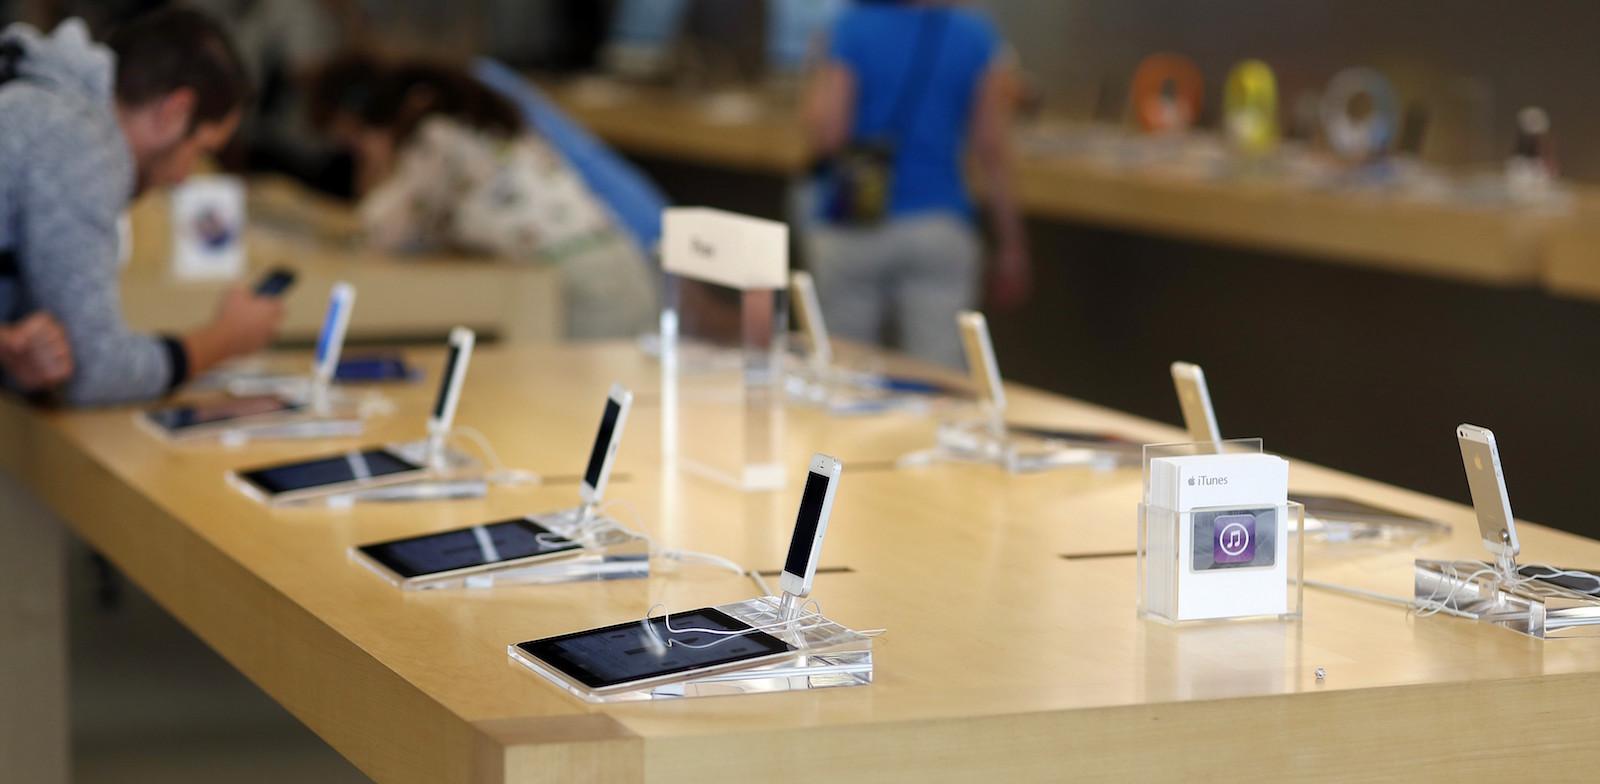 Где дешевле купить iPhone в России: июль 2016